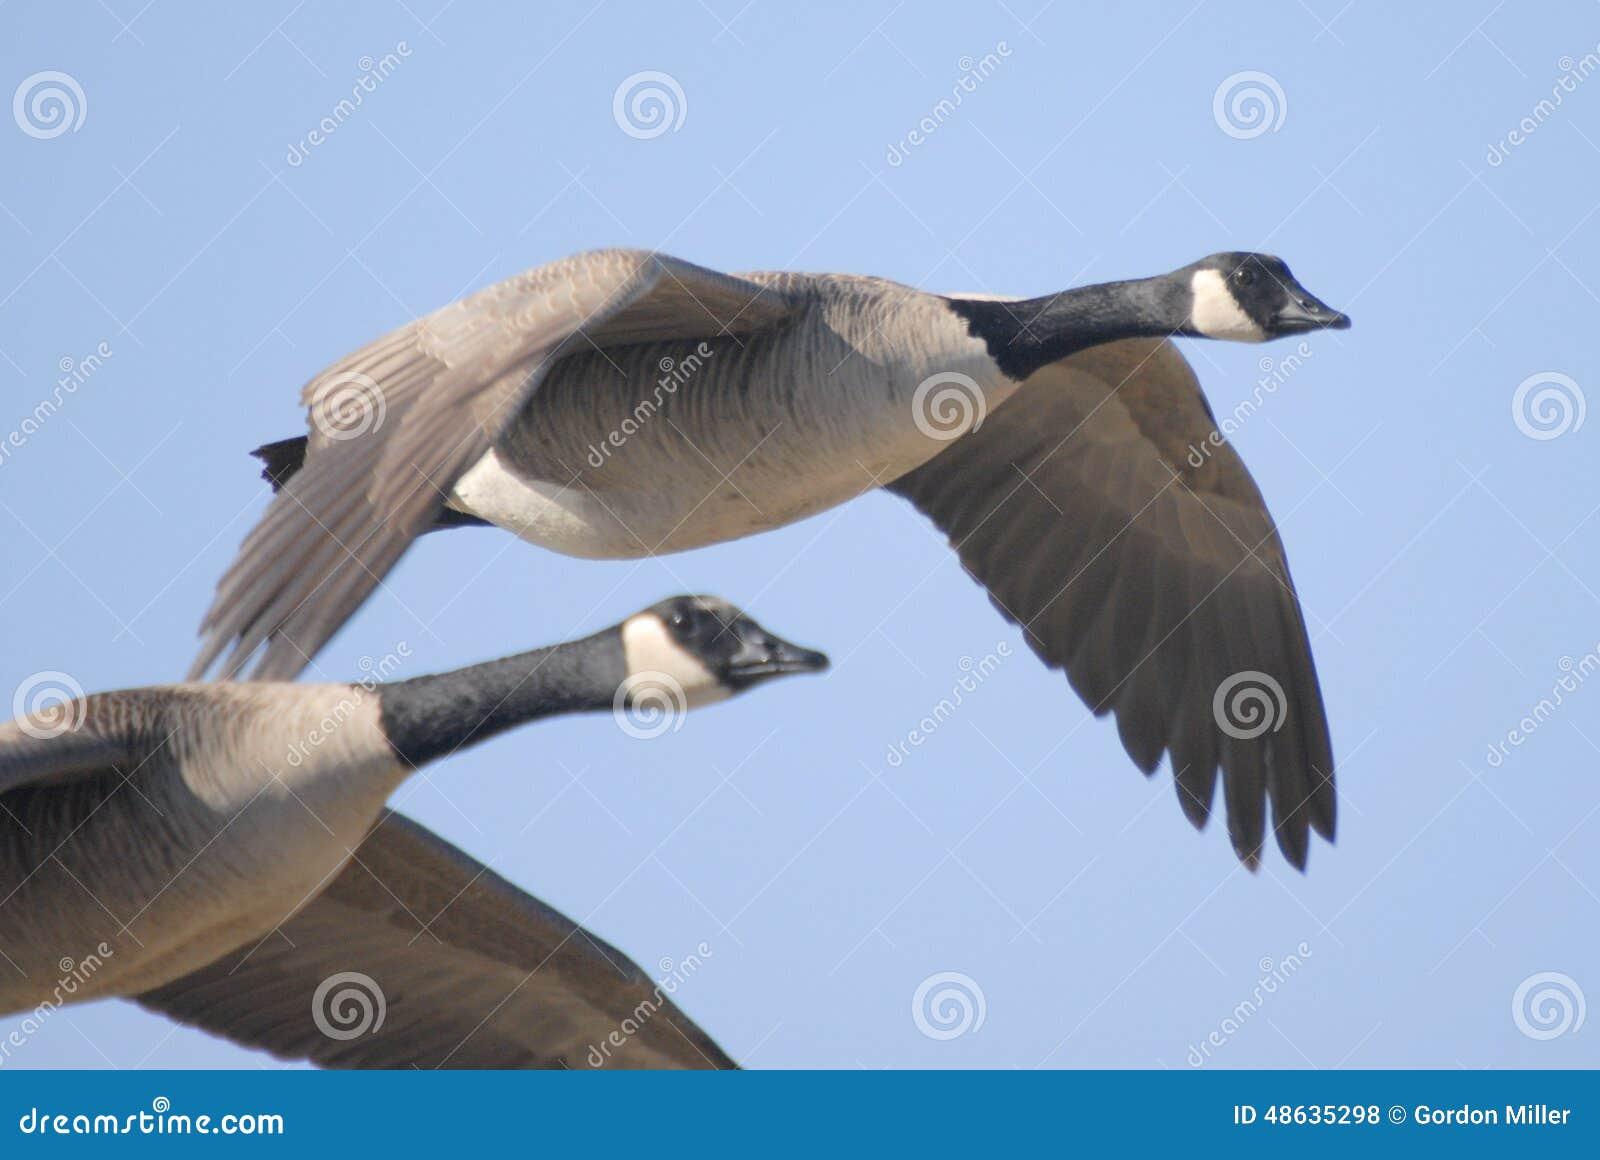 Kanada-Gänse, die über Sumpfgebiete fliegen